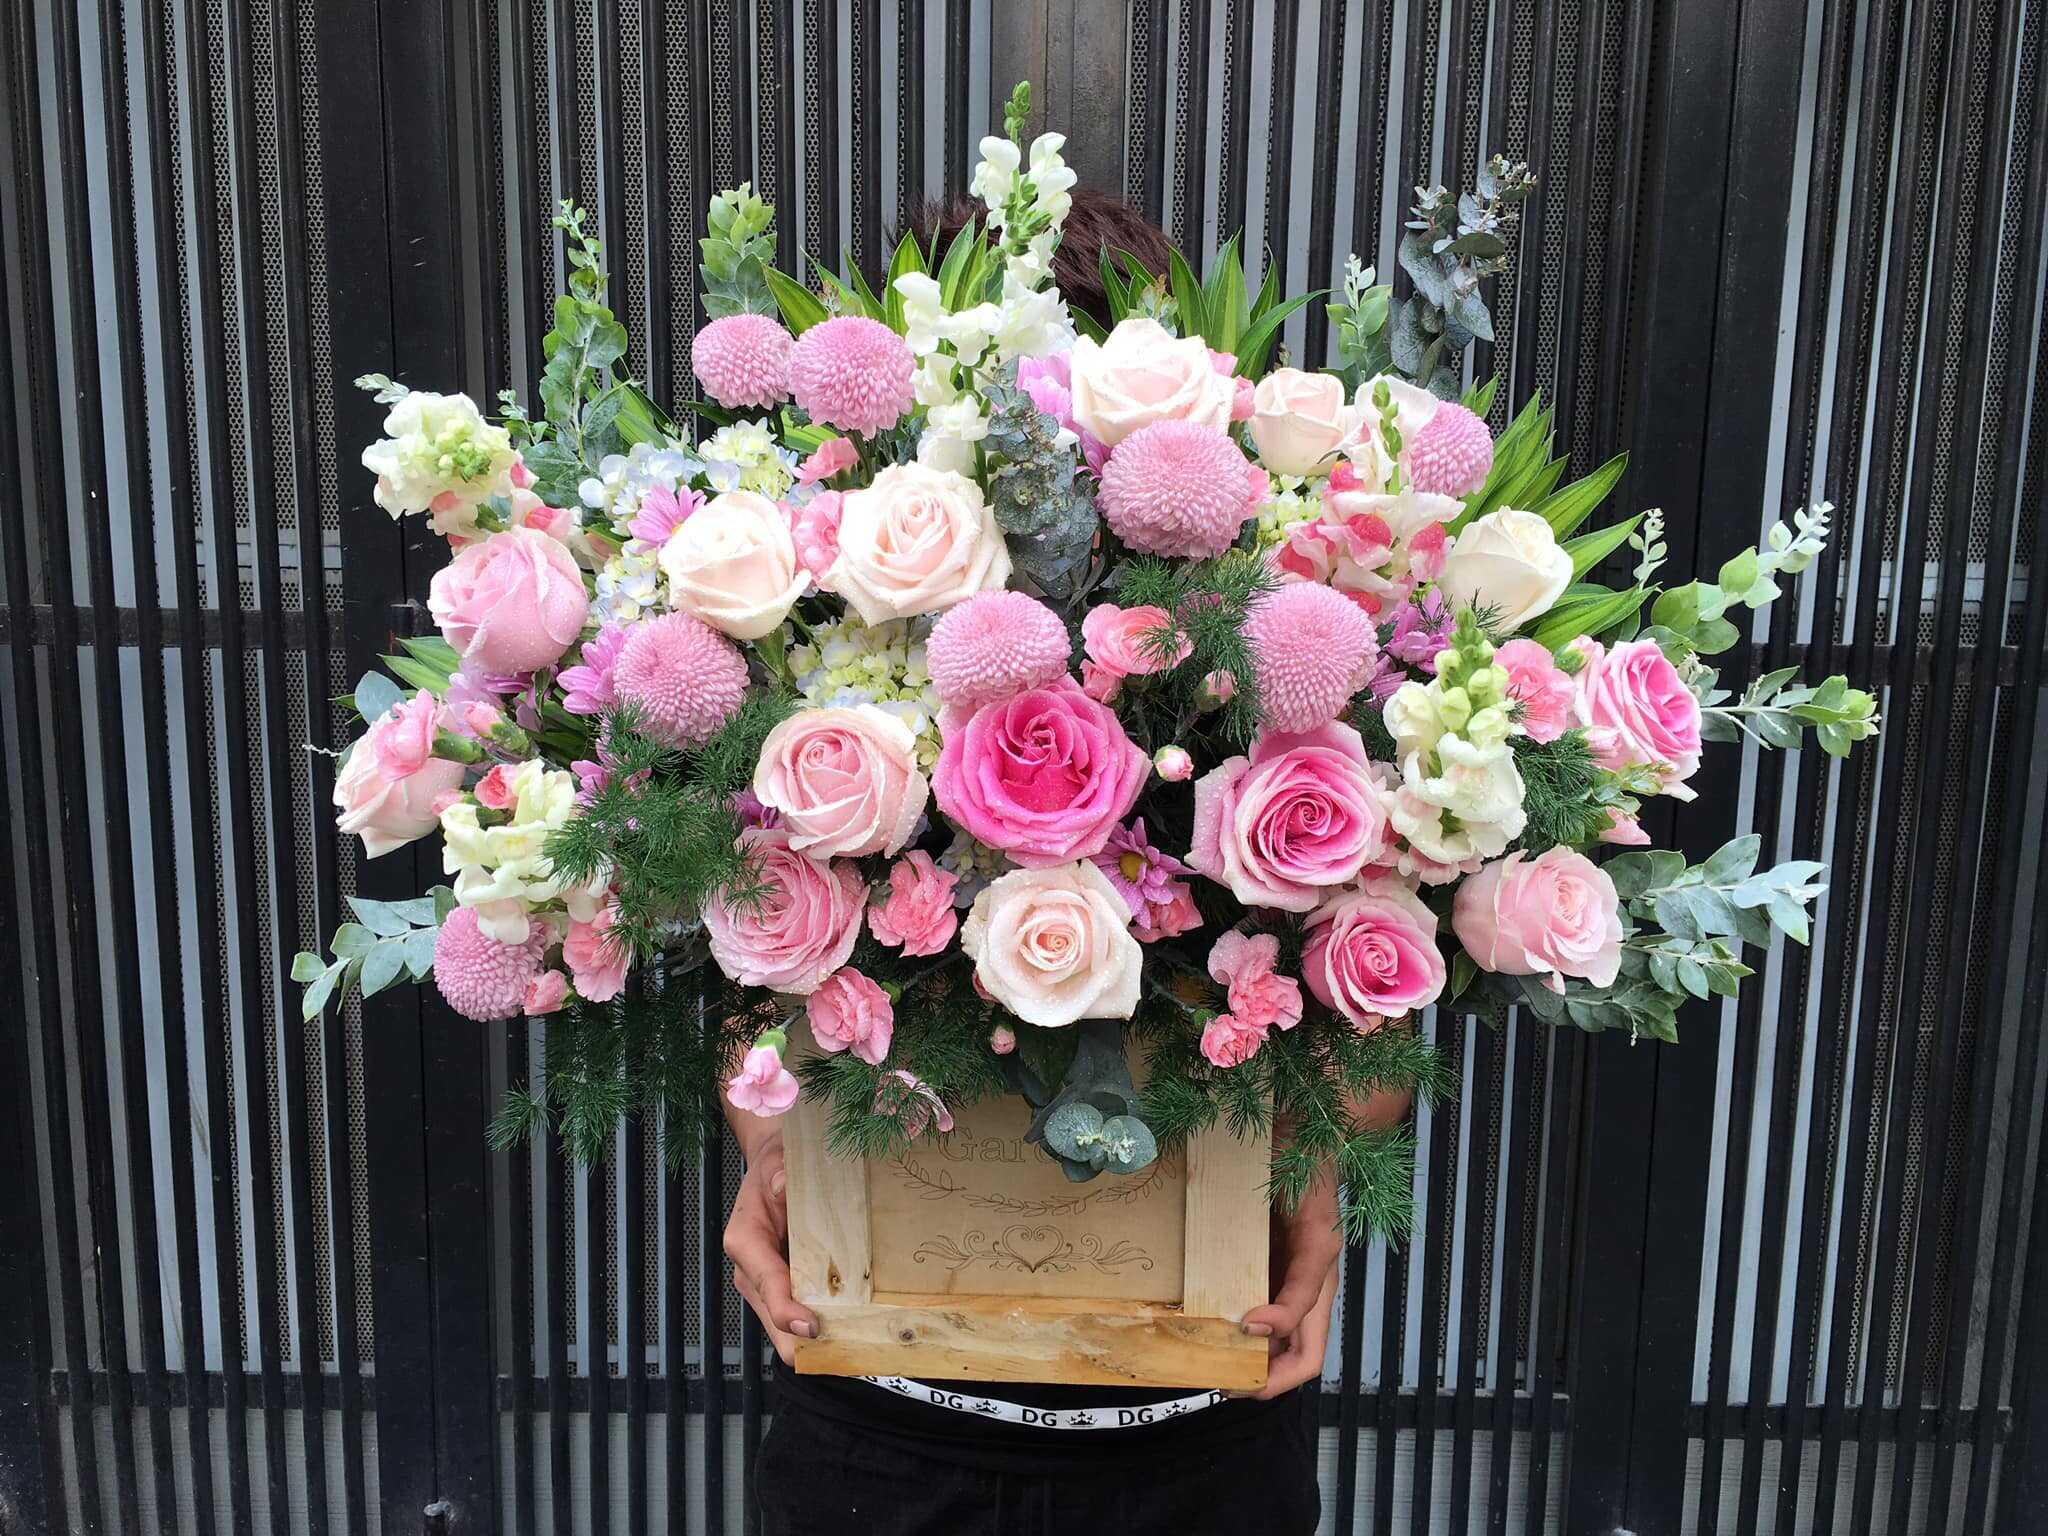 Các loại hoa phù hợp với 12 Con giáp đem lại may mắn